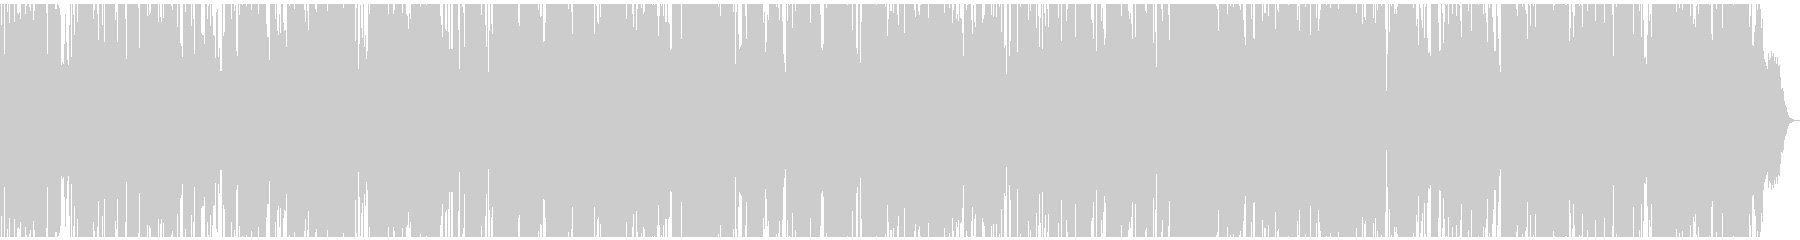 生音生楽器のリラックスしたスムースジャズの未再生の波形